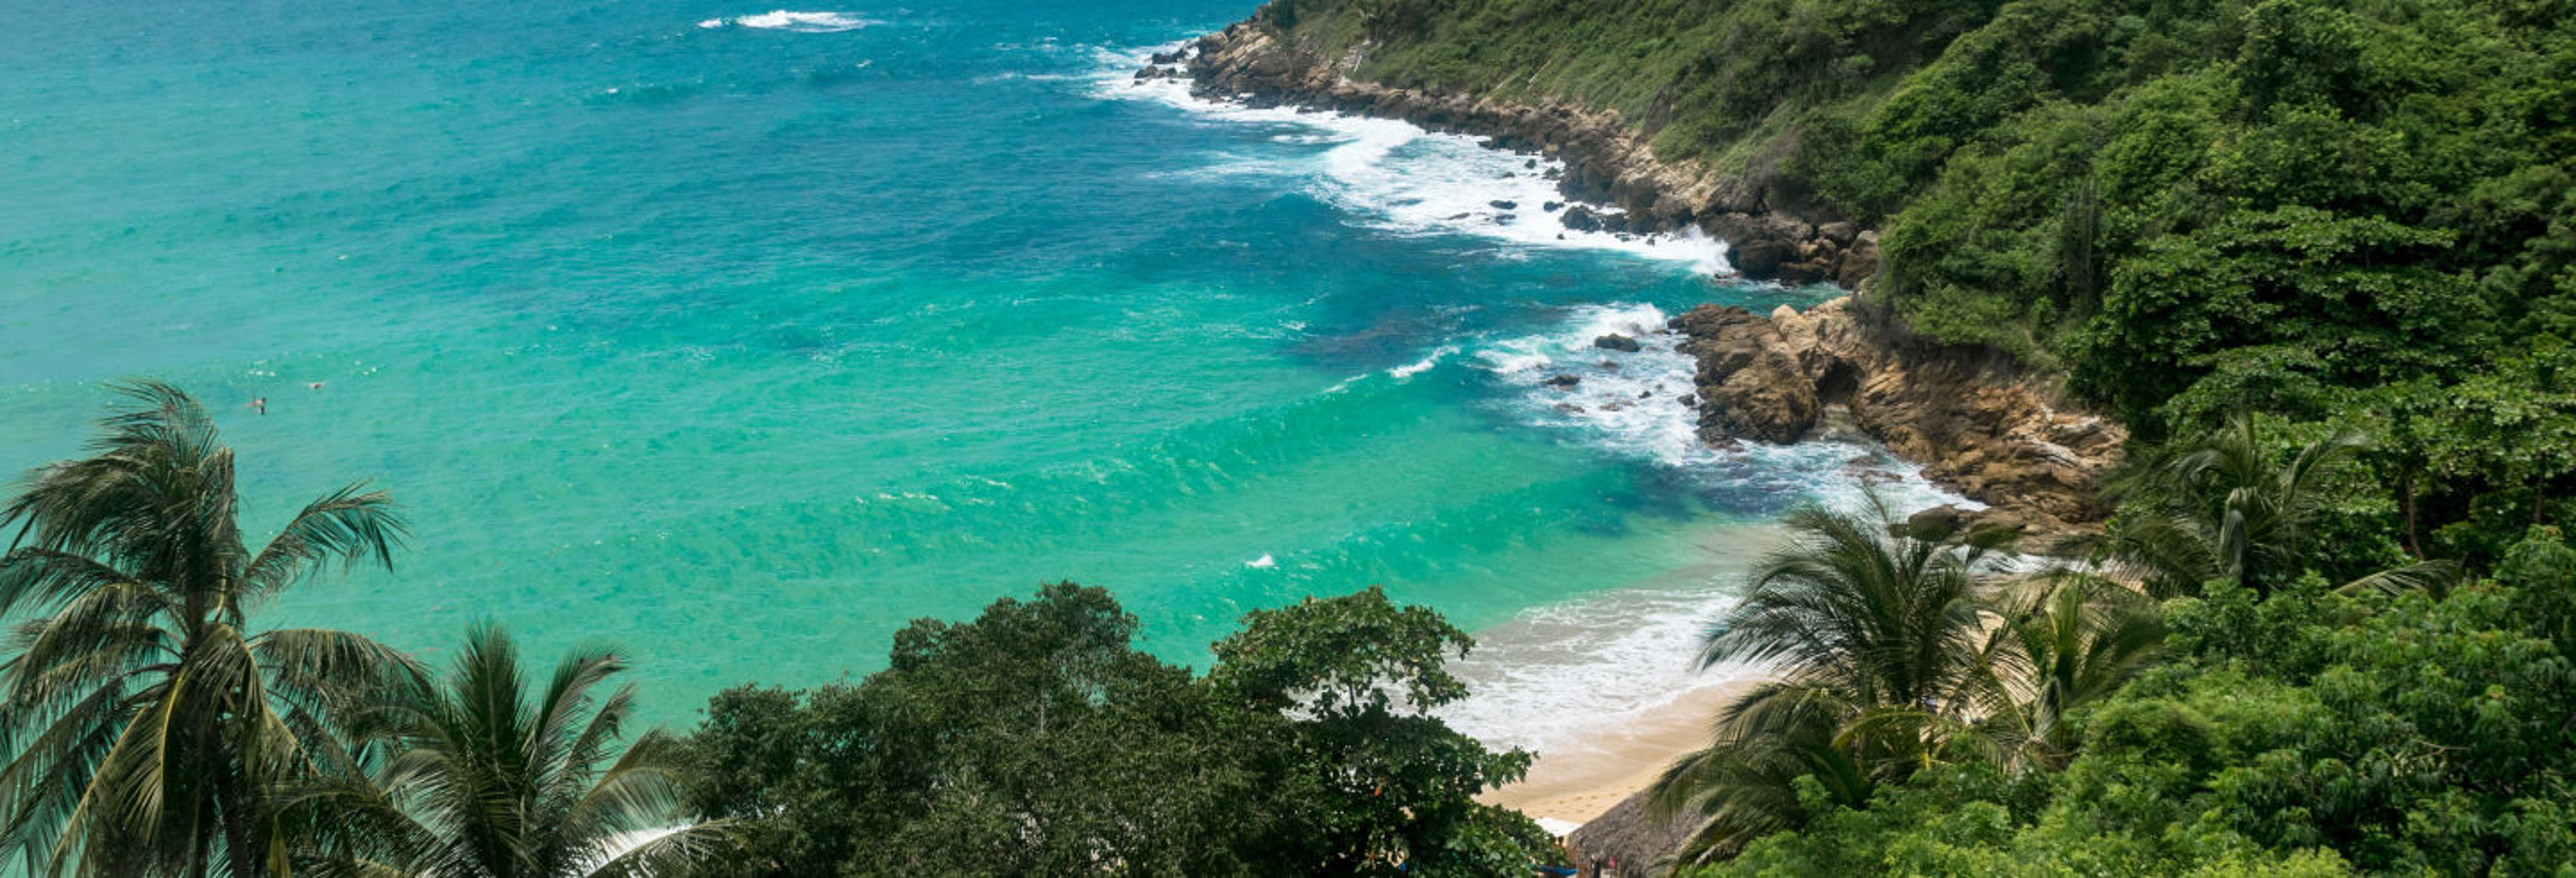 Curso de surf en Puerto Escondido